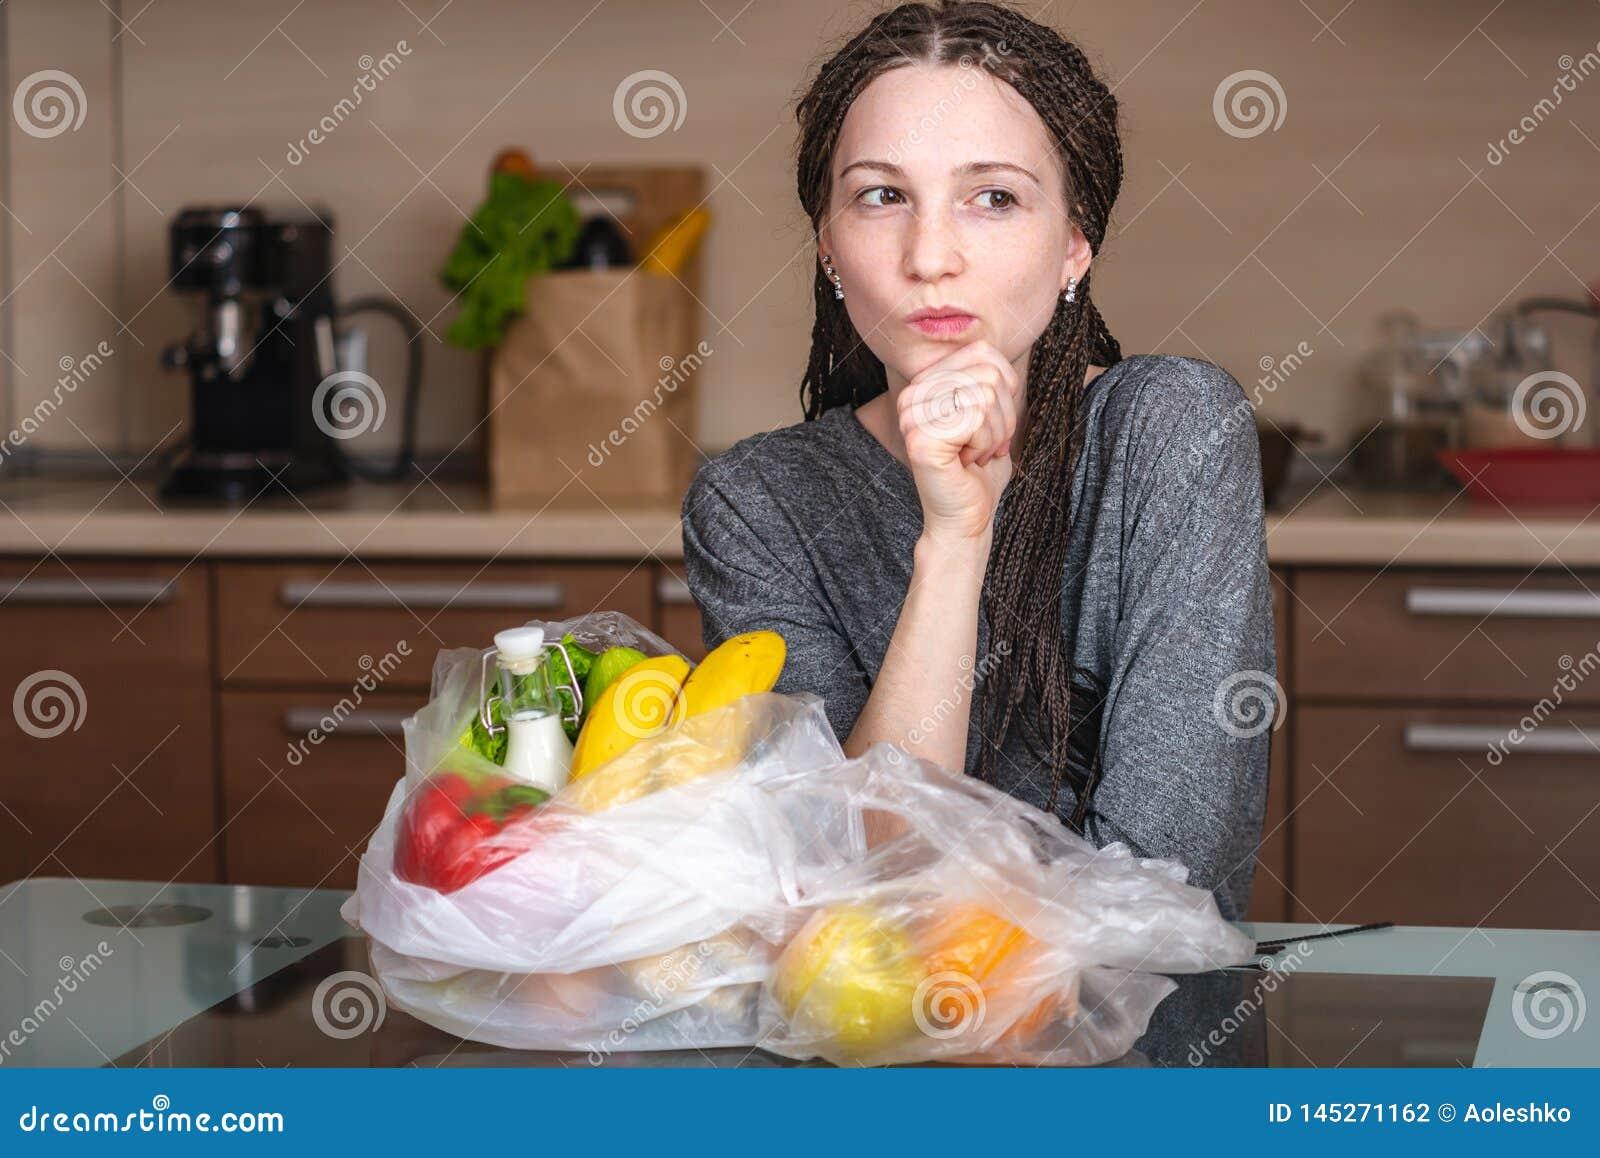 Το κορίτσι σκέφτεται ότι απορρίματα για να χρησιμοποιήσει μια πλαστικ